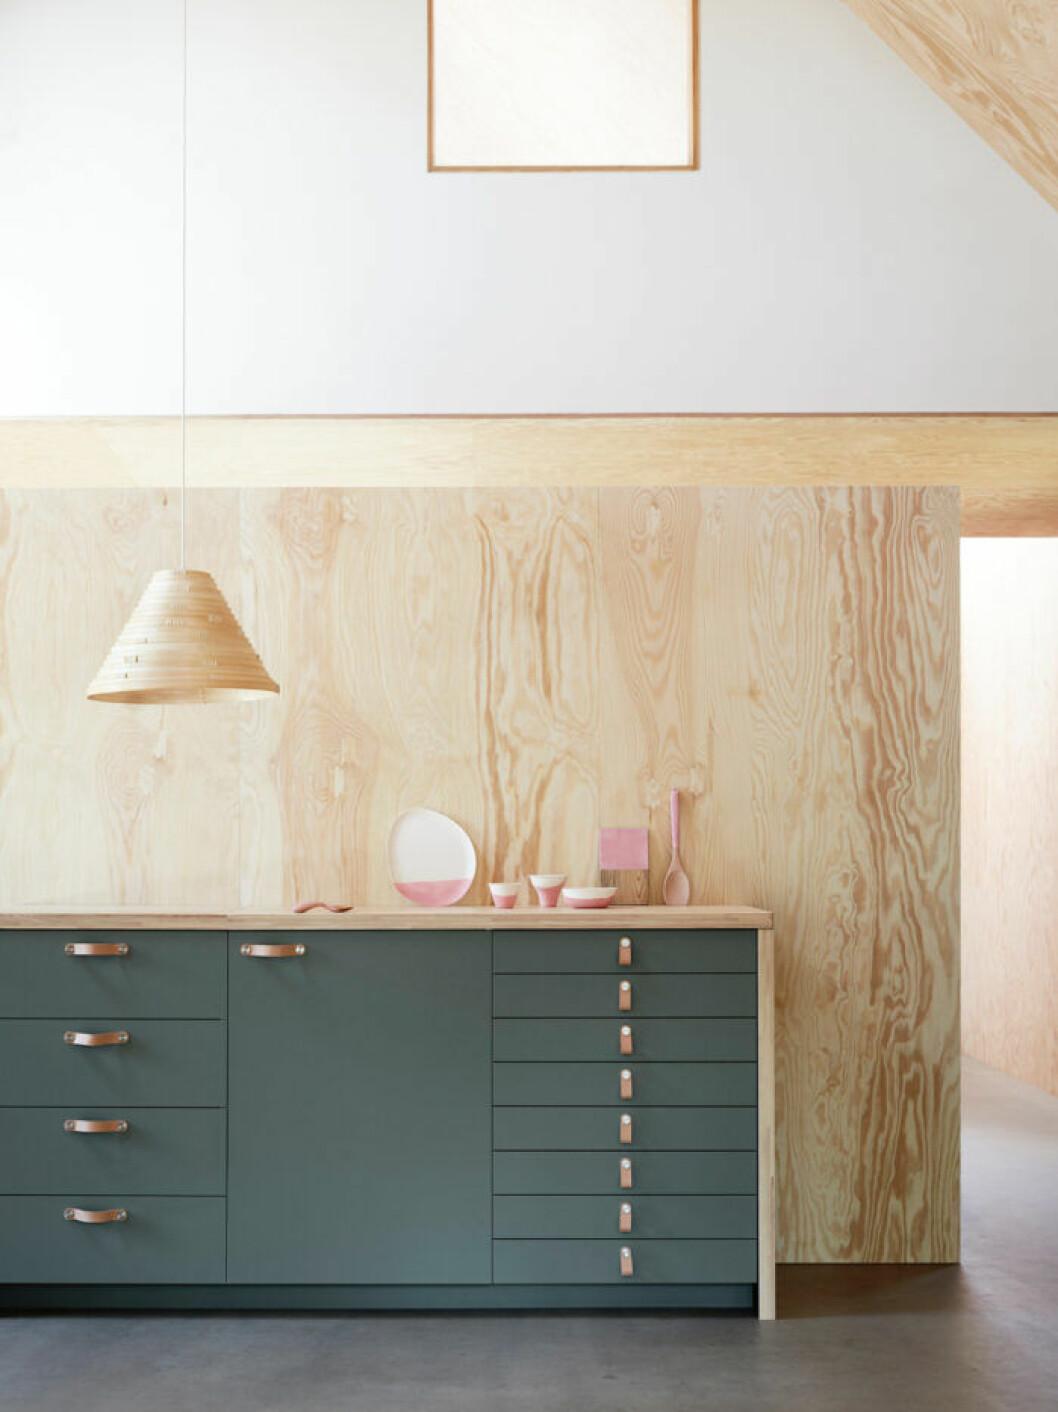 Ikea Bodarp grönt kök